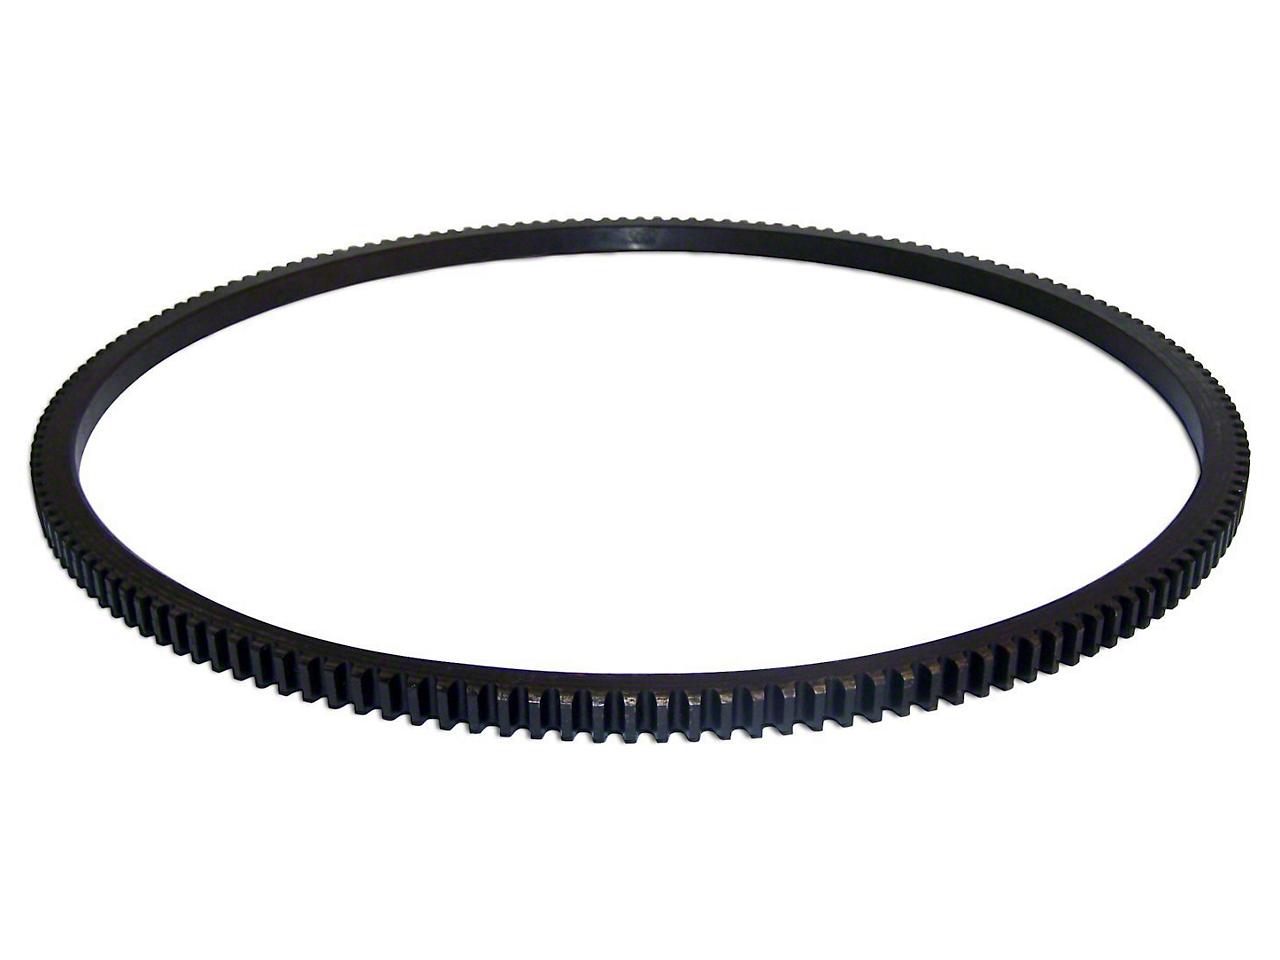 Flywheel Ring Gear (91-06 4.0L Jeep Wrangler YJ & TJ)